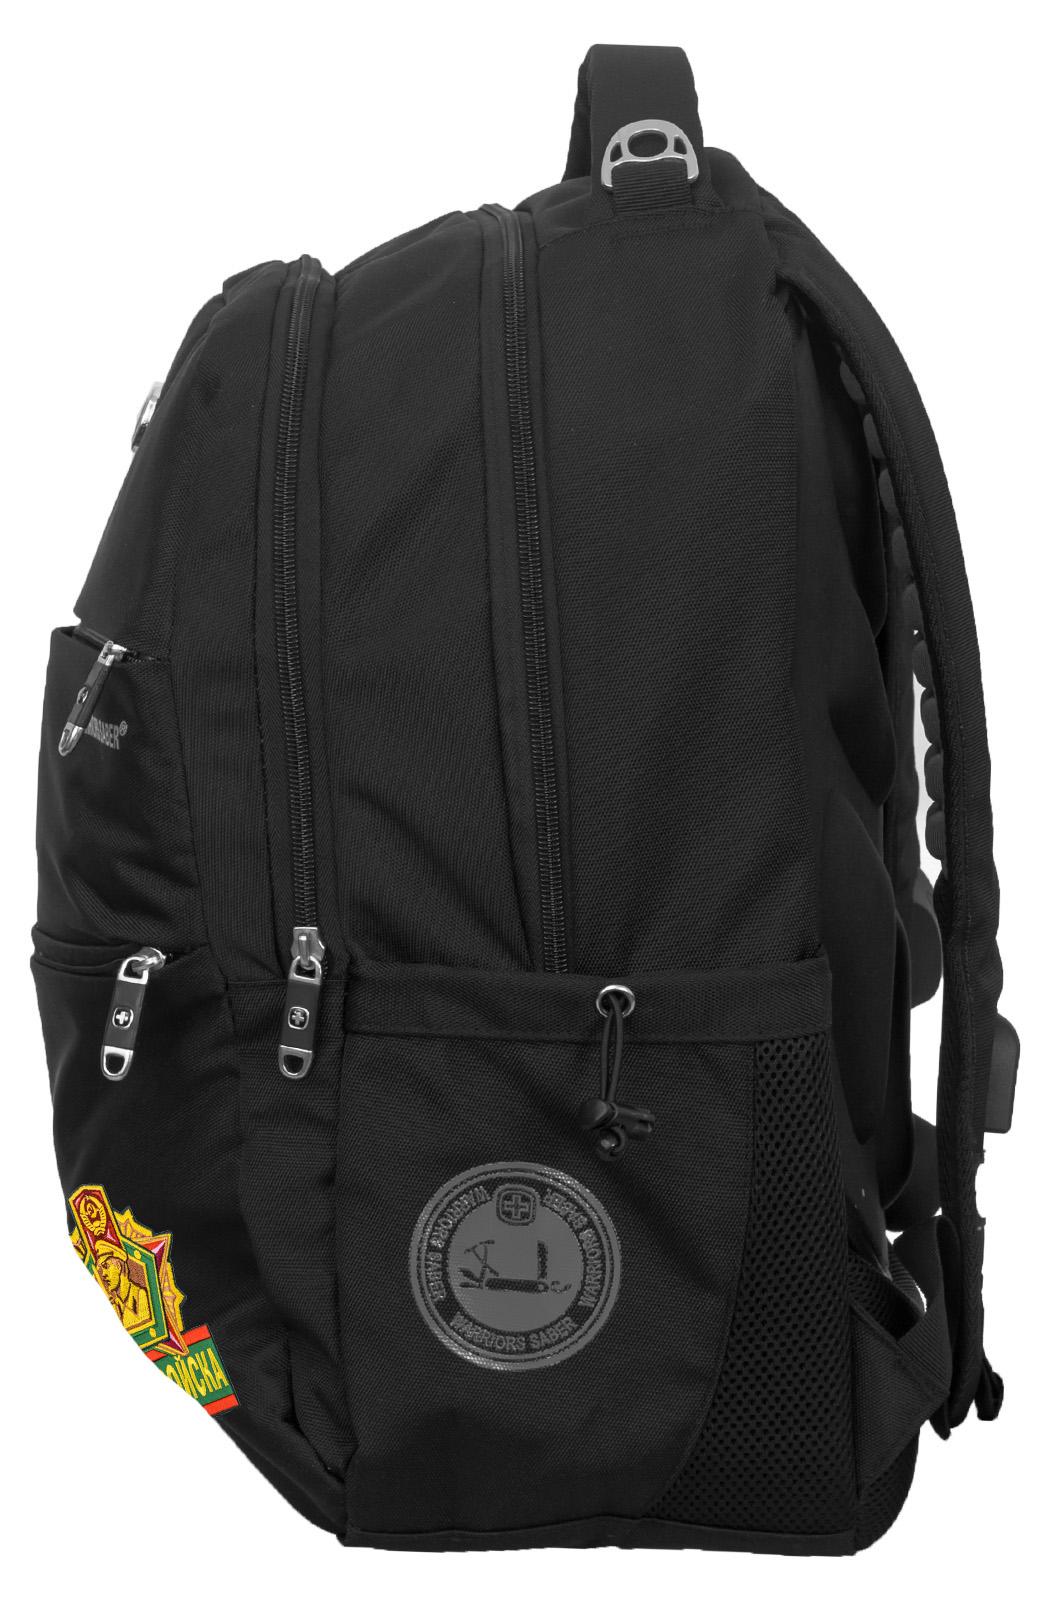 Мужской городской рюкзак с нашивкой ПОГРАНВОЙСКА - купить онлайн